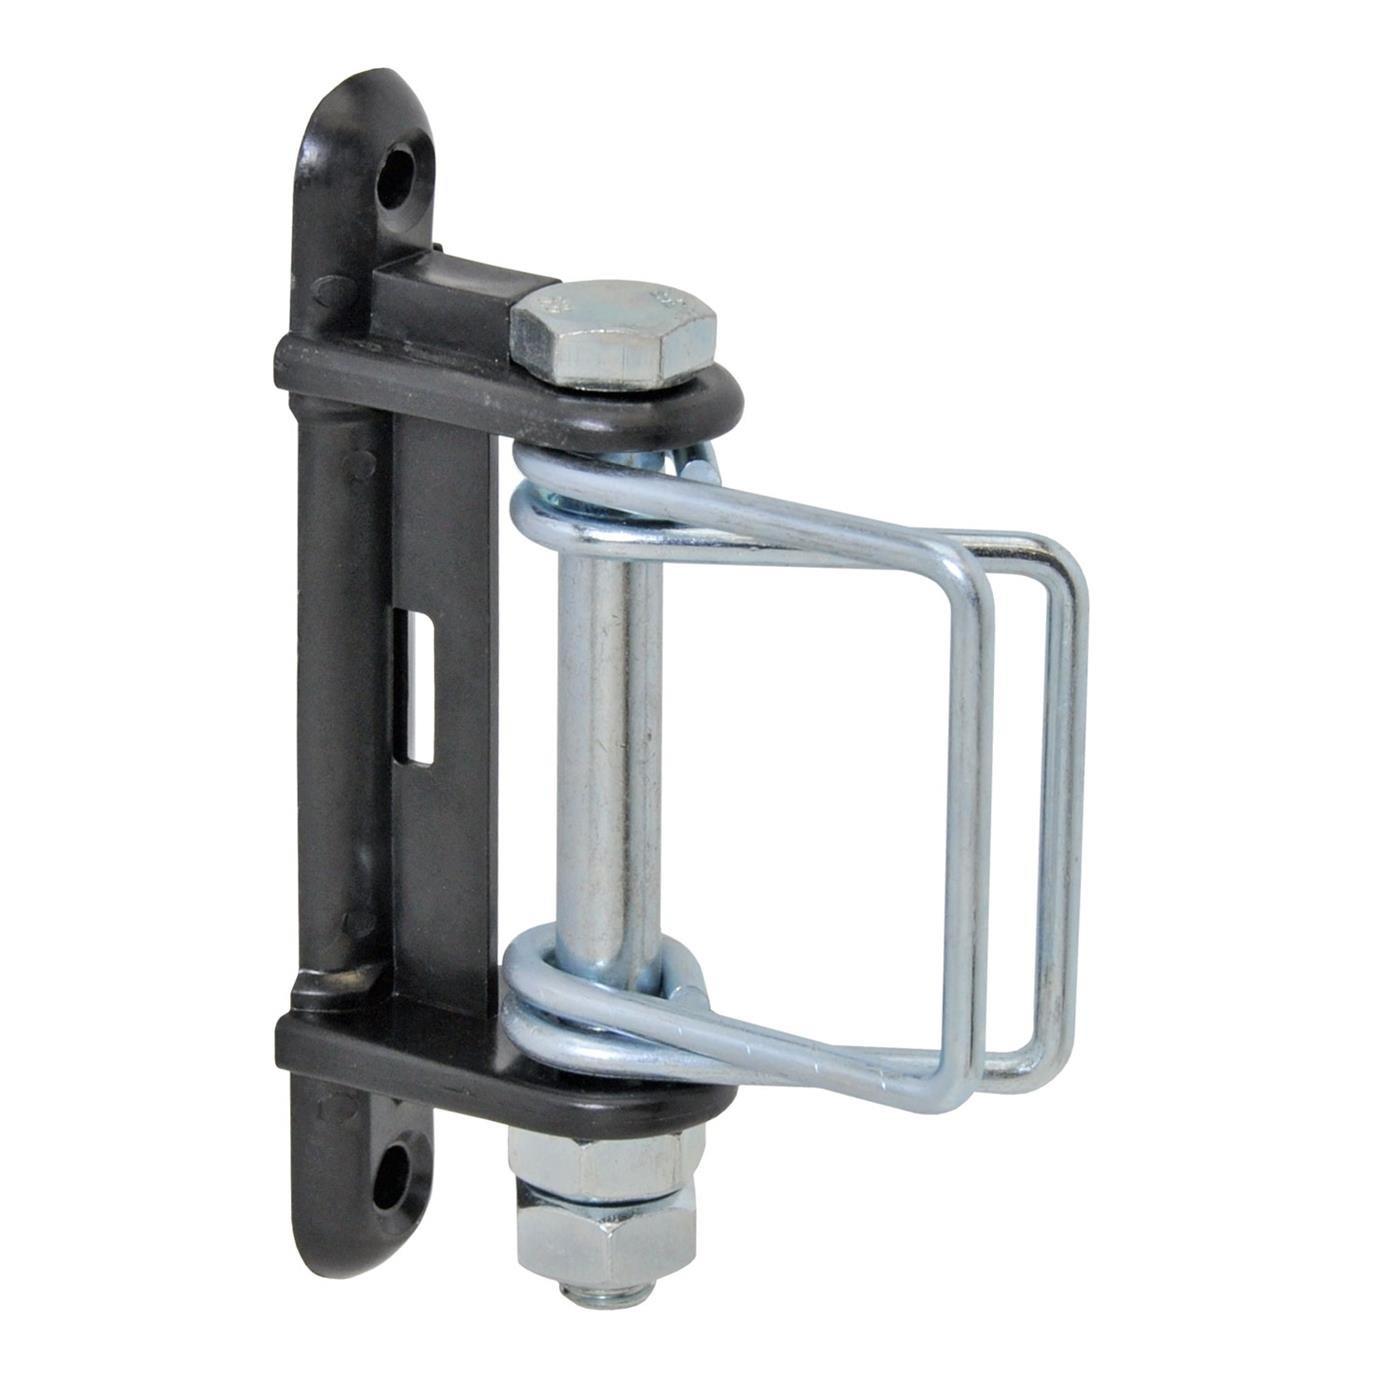 4x isolateurs d'angle avec pivot métallique et étriers supplémentaires